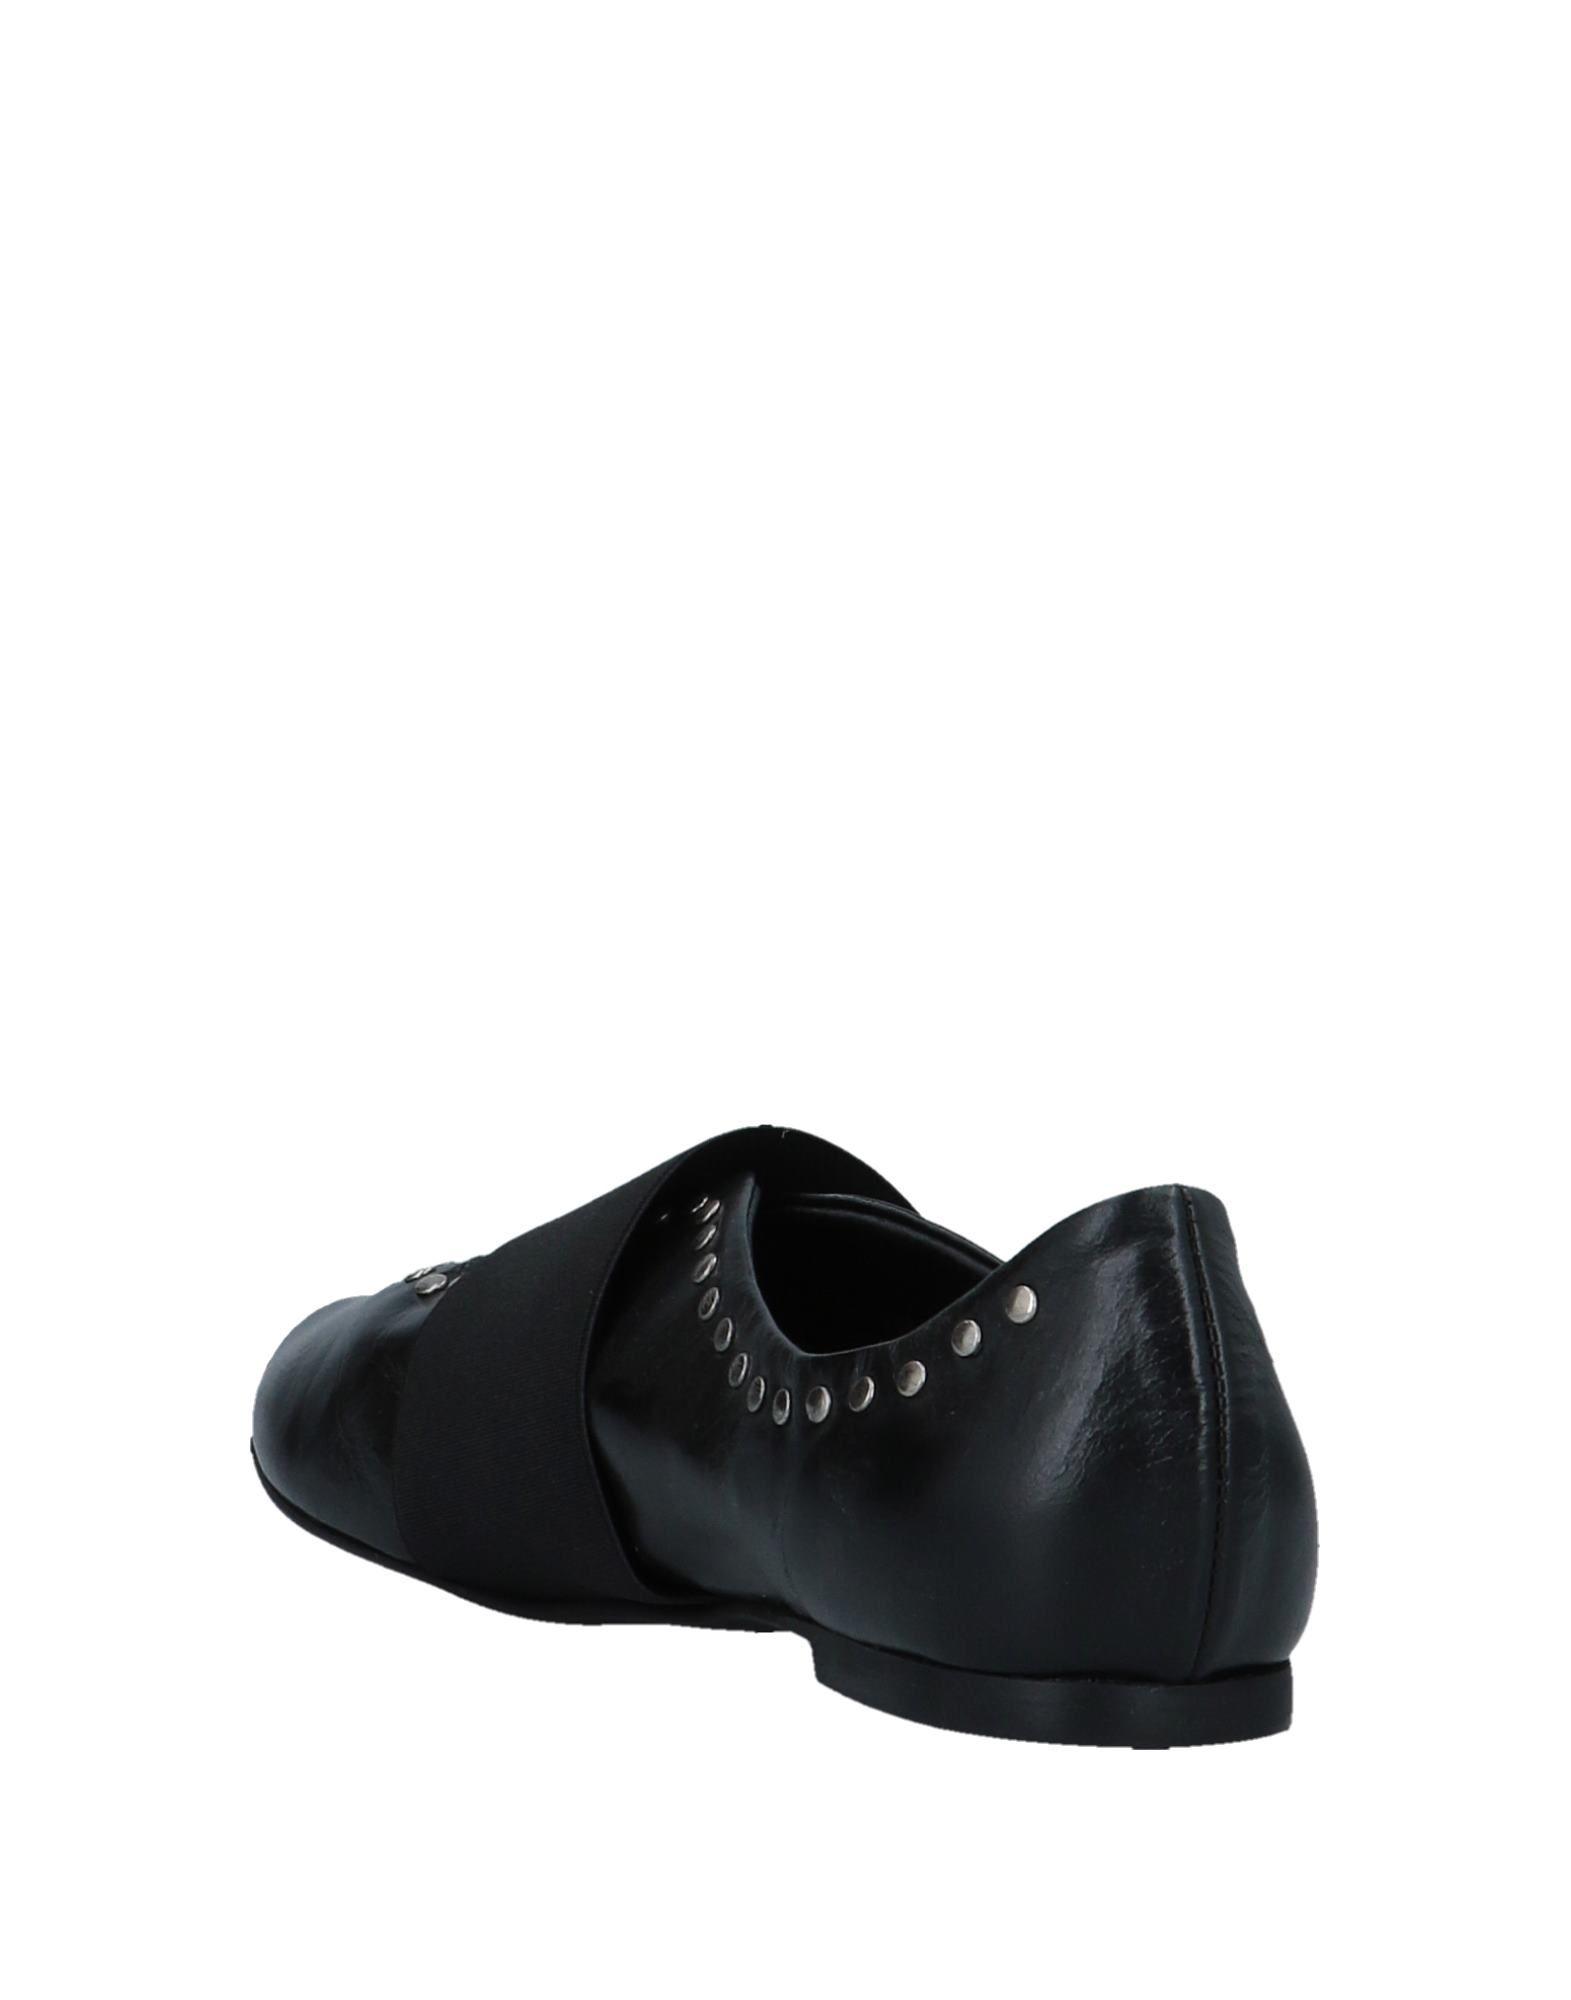 Ovye' Damen By Cristina Lucchi Ballerinas Damen Ovye'  11508581RC Gute Qualität beliebte Schuhe 357f51